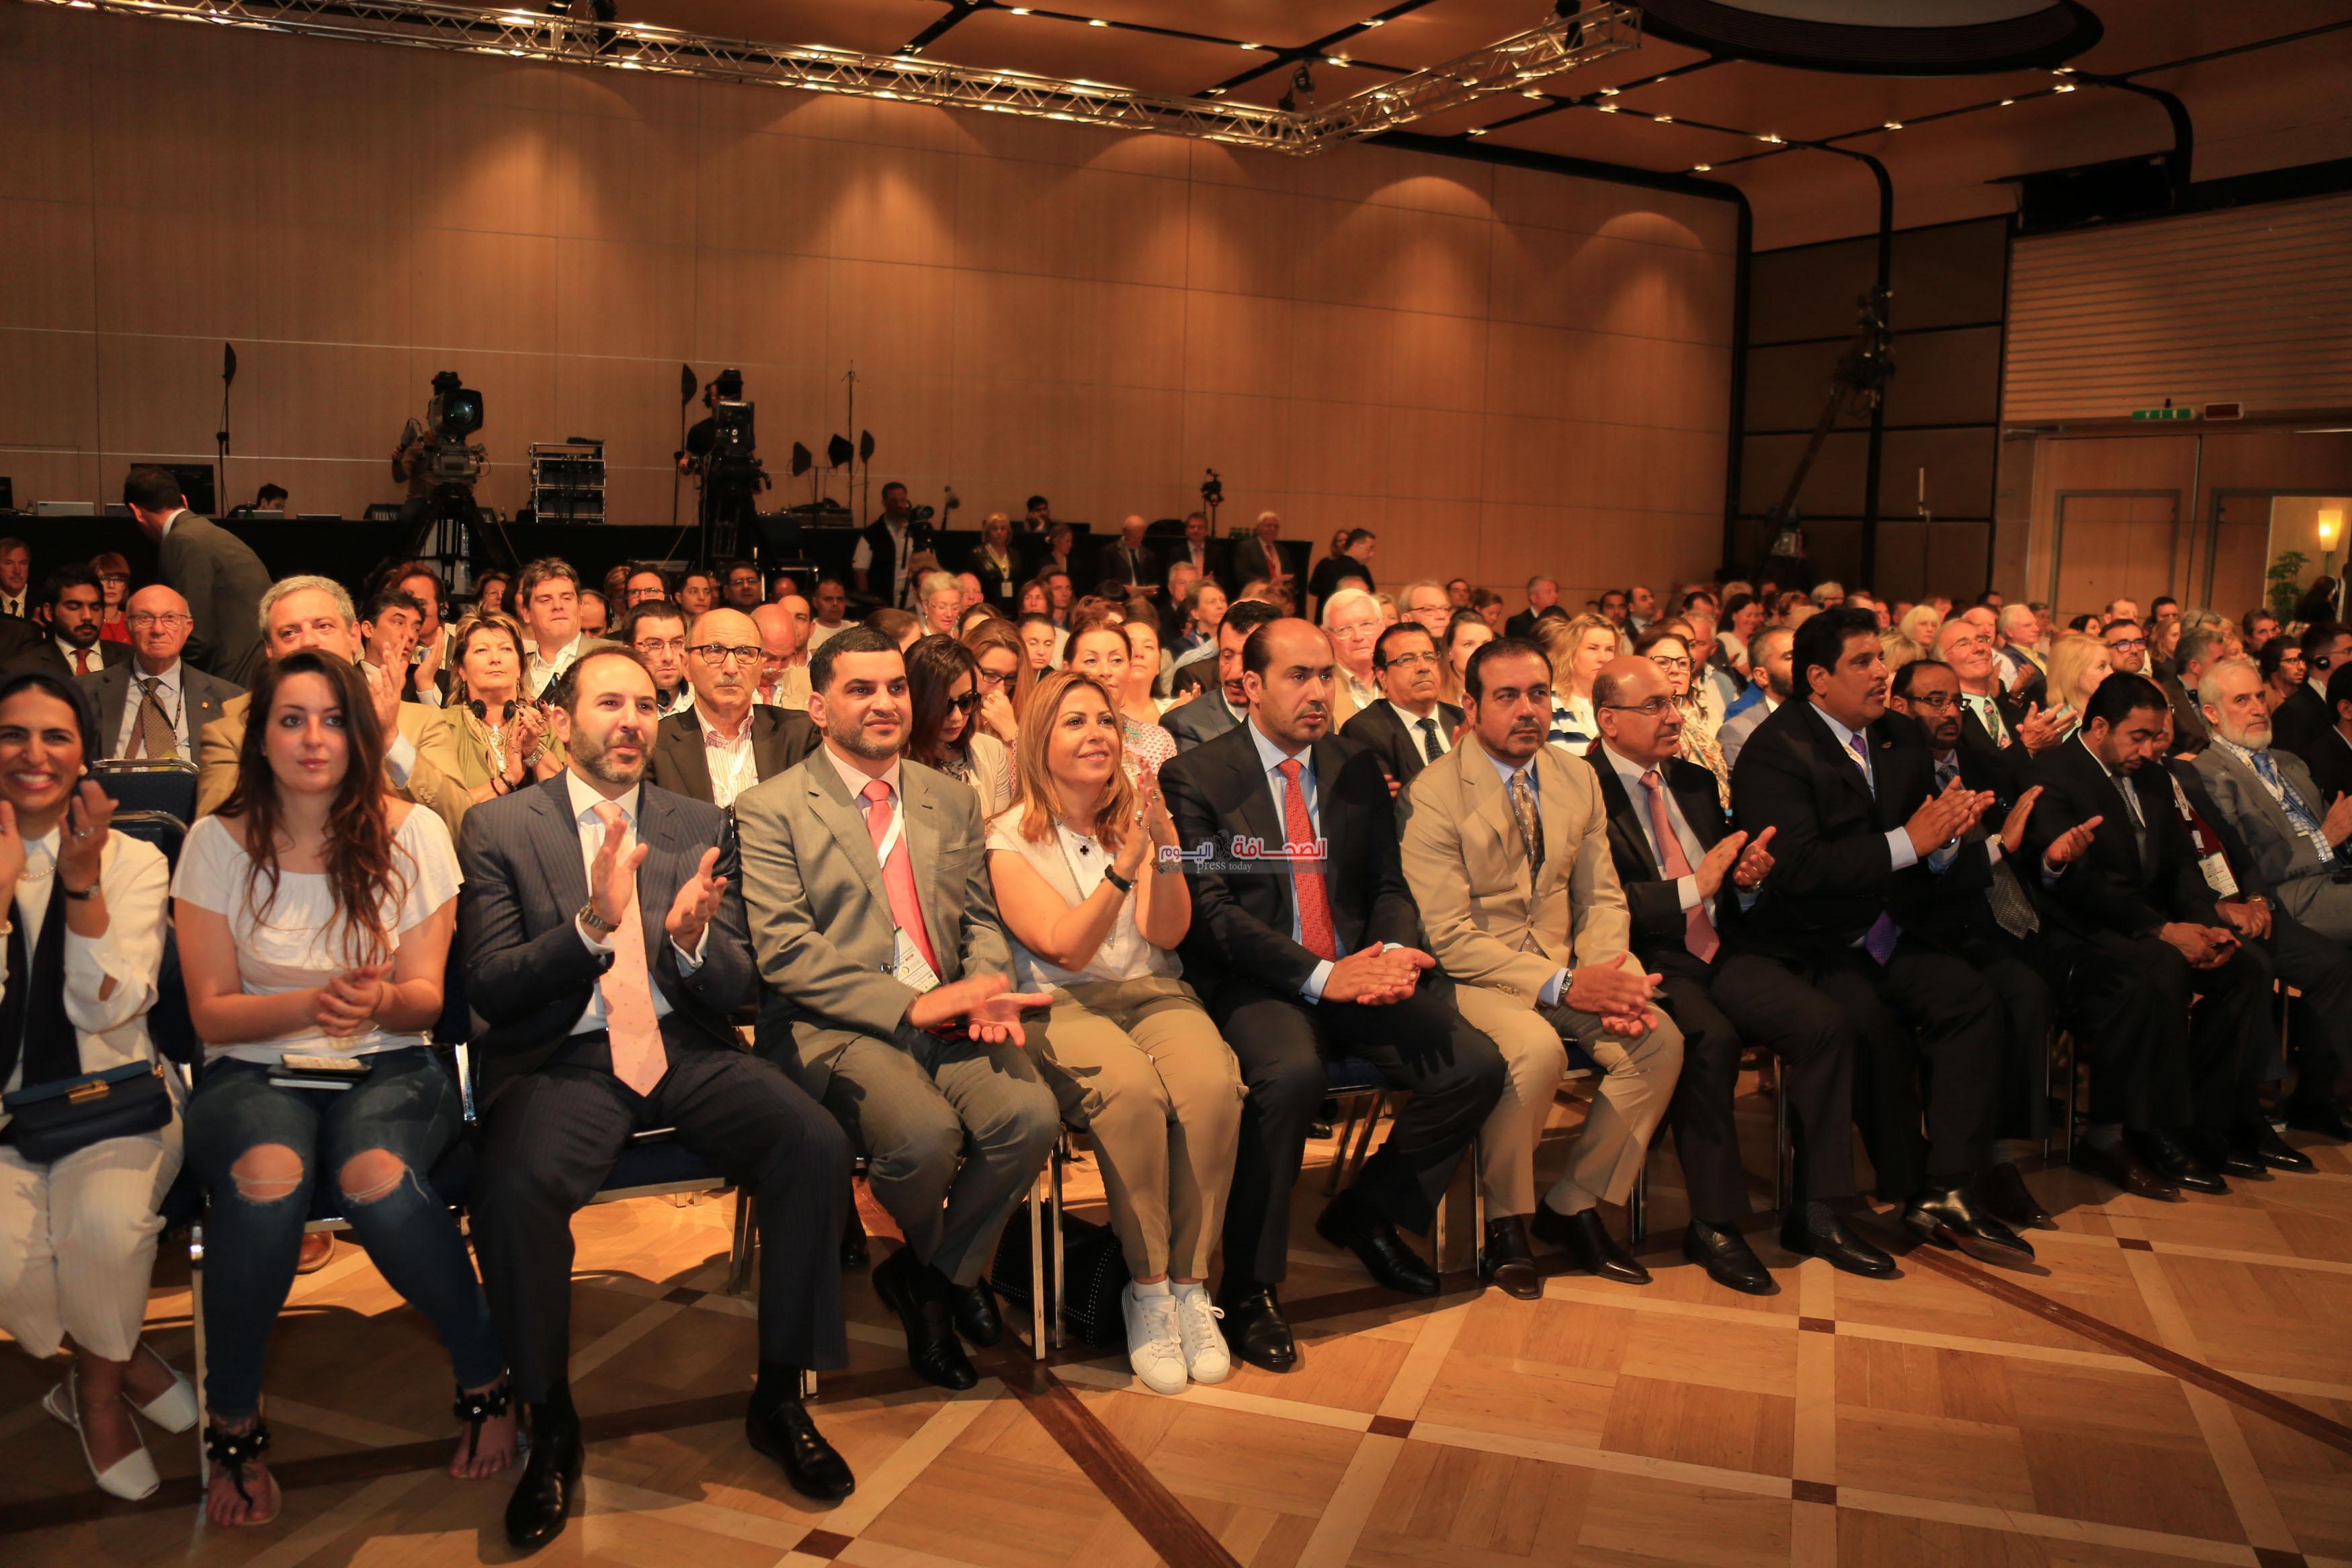 جانب من الحضور يتقدمهم سفير الامارات لدي ايطاليا صقر الريسي